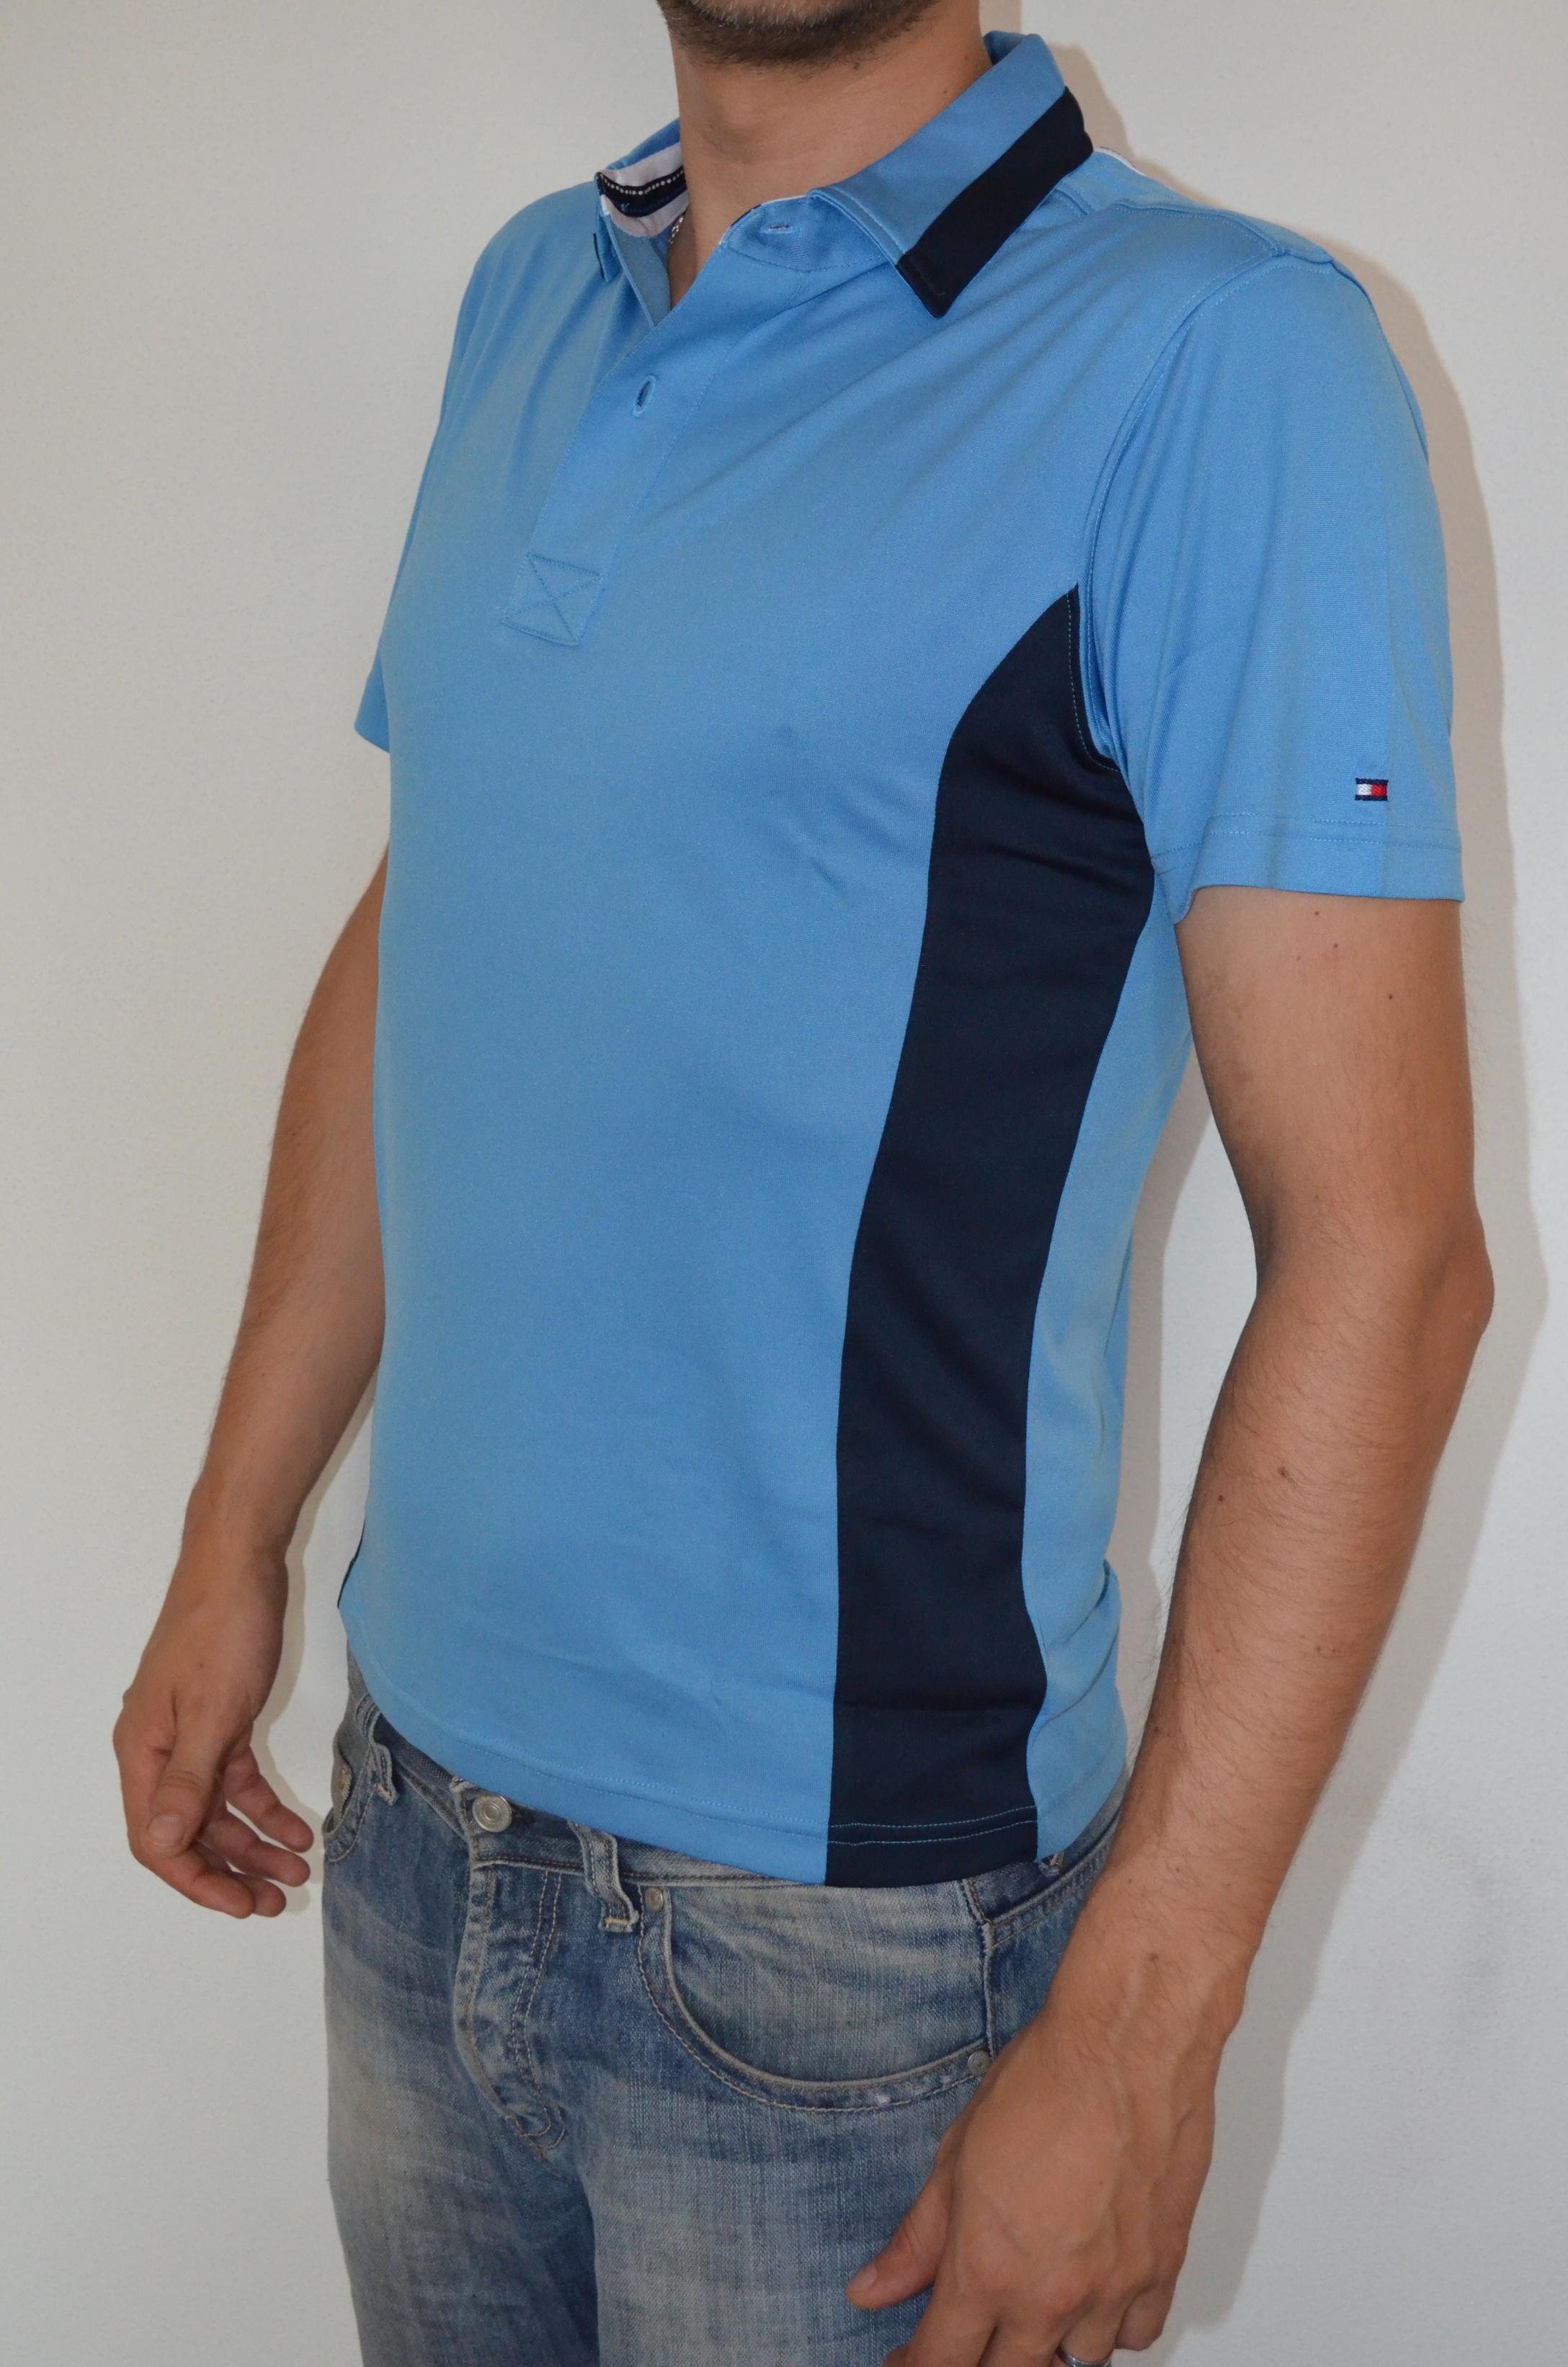 Tommy Hilfiger pánské golf polo triko modré velikost: XS